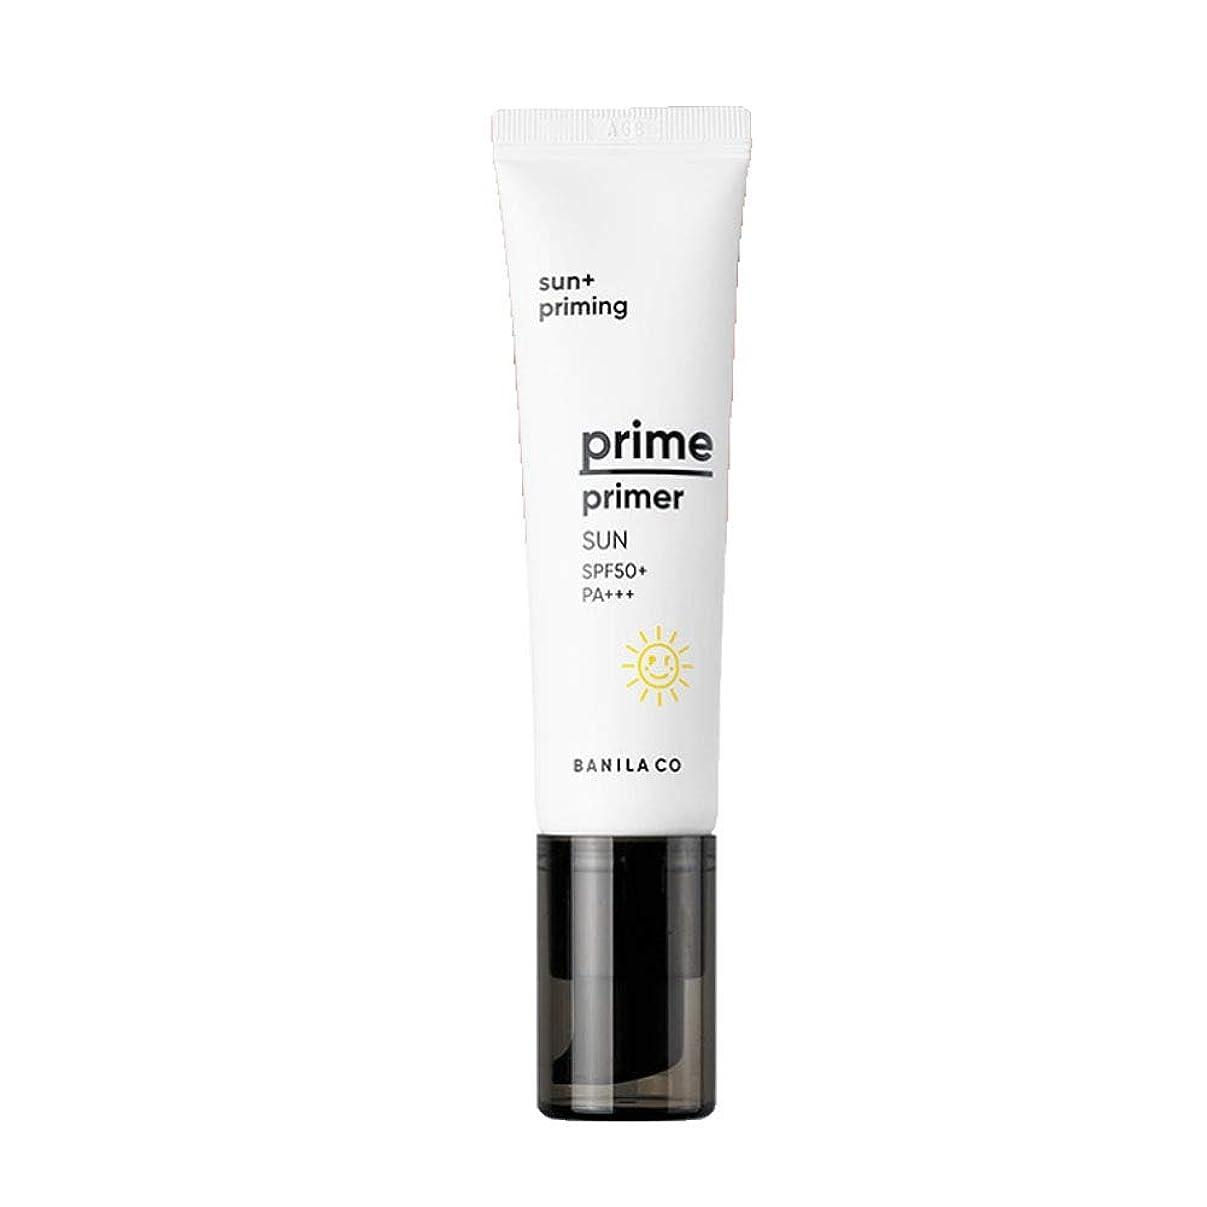 毛細血管成功する愚かバニラコプライムプライマーサン30mlサンクリーム韓国コスメ、Banila Co Prime Primer Sun 30ml Sun Cream Korean Cosmetics [並行輸入品]